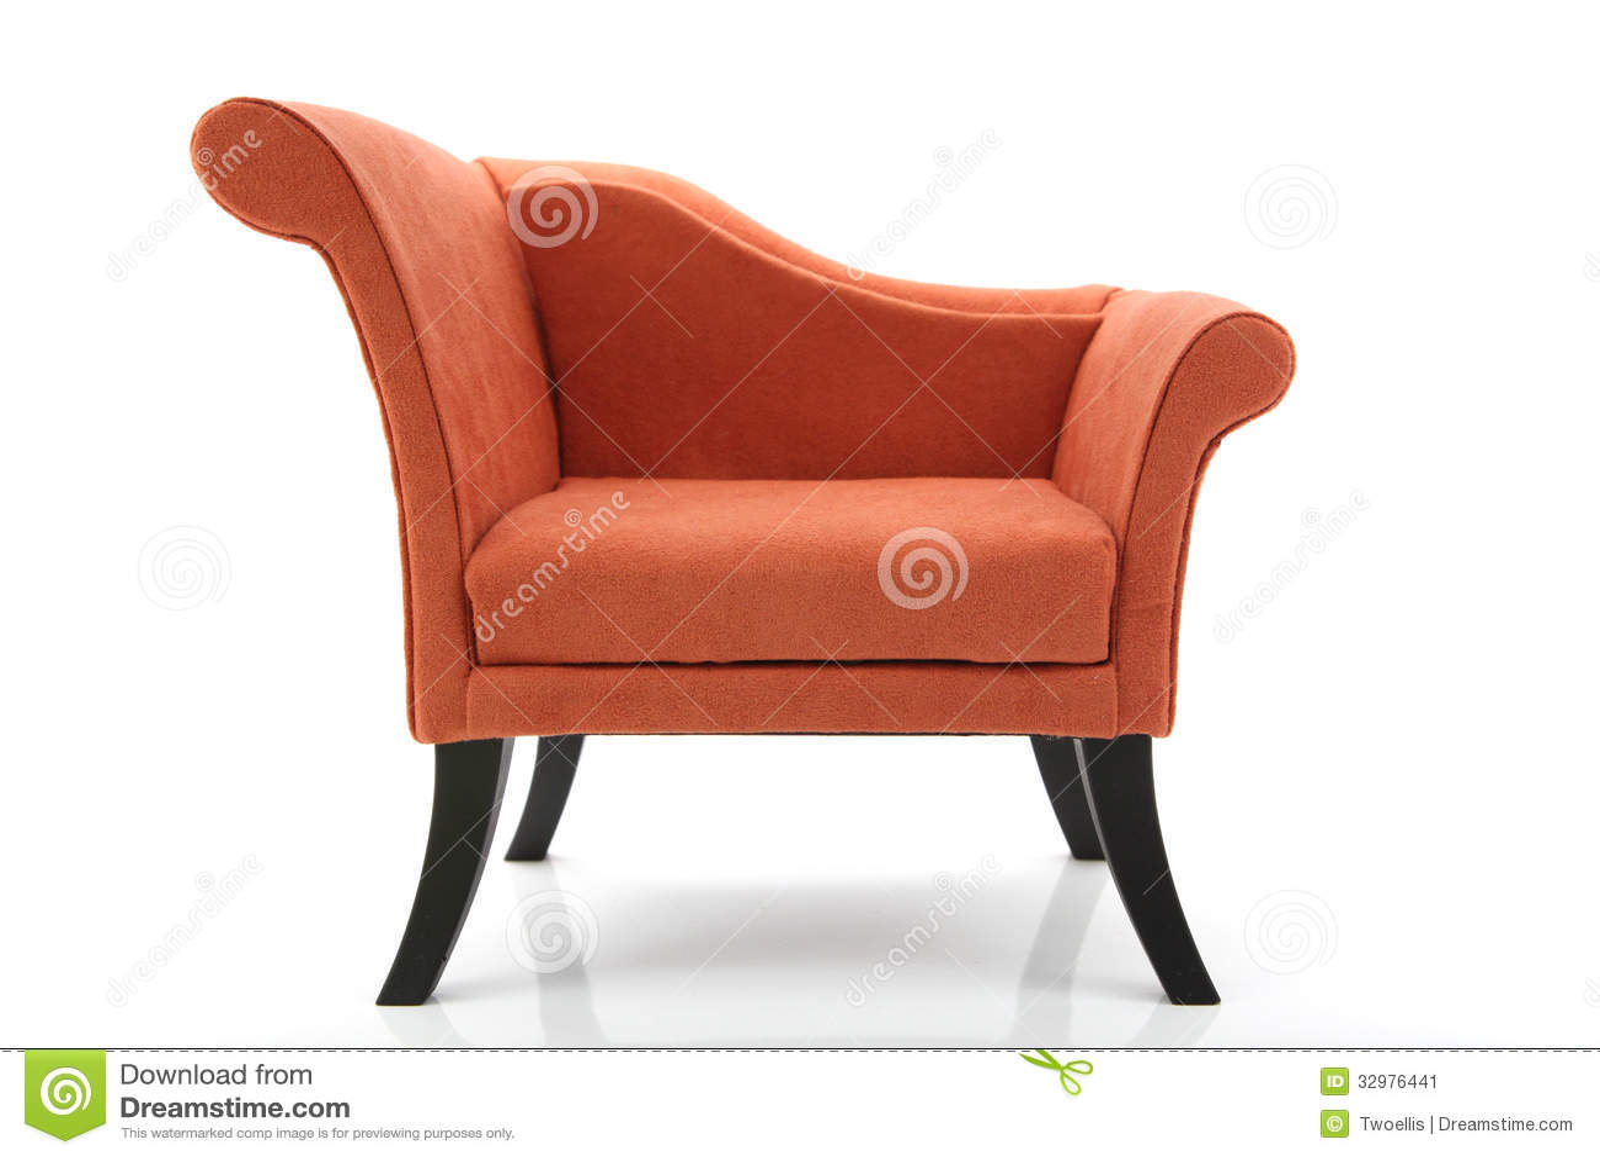 Chaise moderne image stock image 32976441 for Stoel bobois stoel